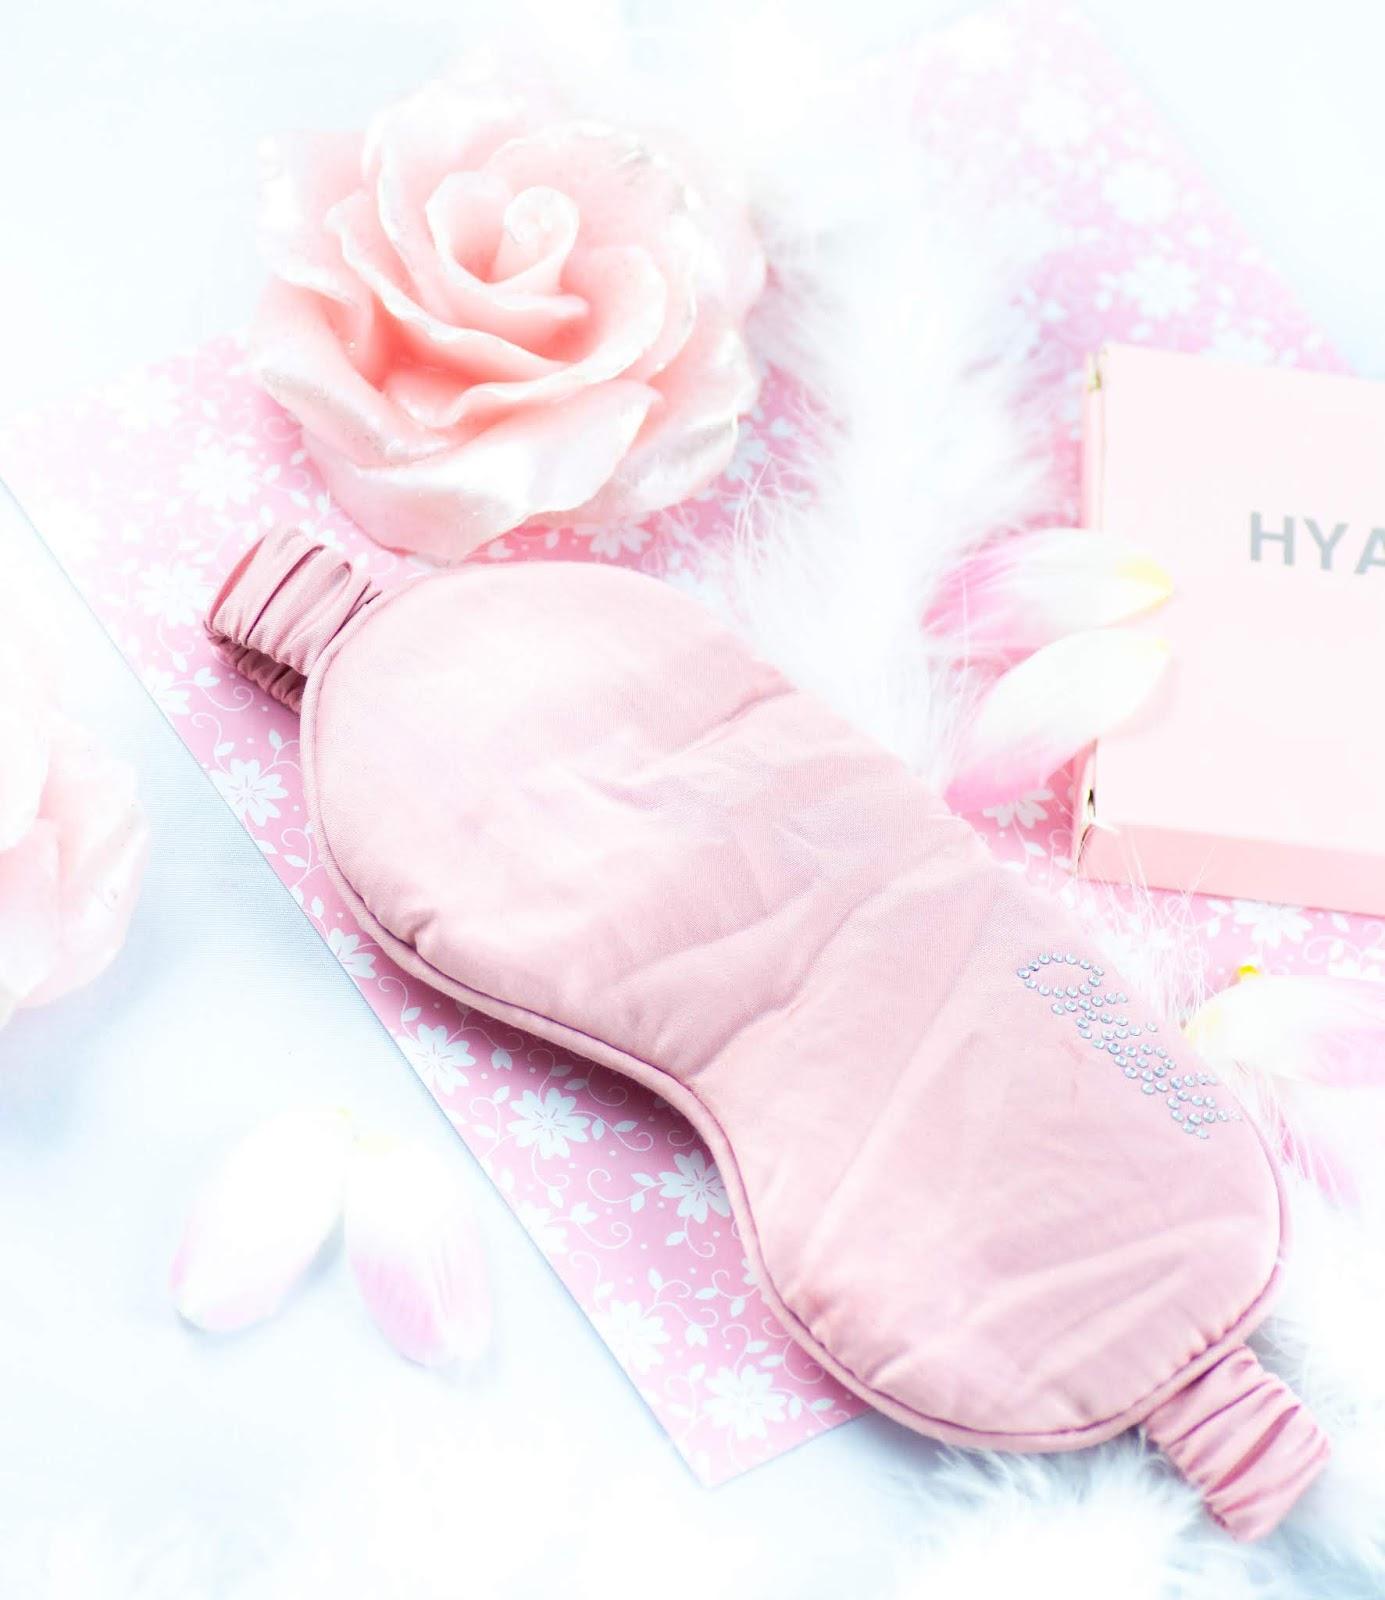 OkiOki Sleeping Factory... innowacyjna maska na oczy z kwasem hialuronowym, która nawilża podczas snu!